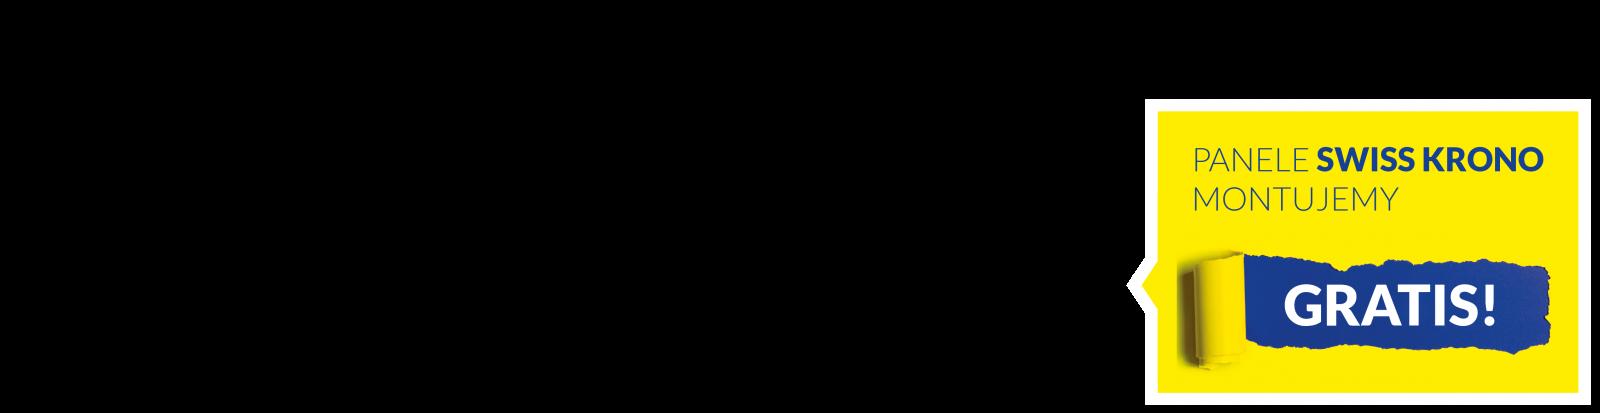 Baner montaż Swiss Krono